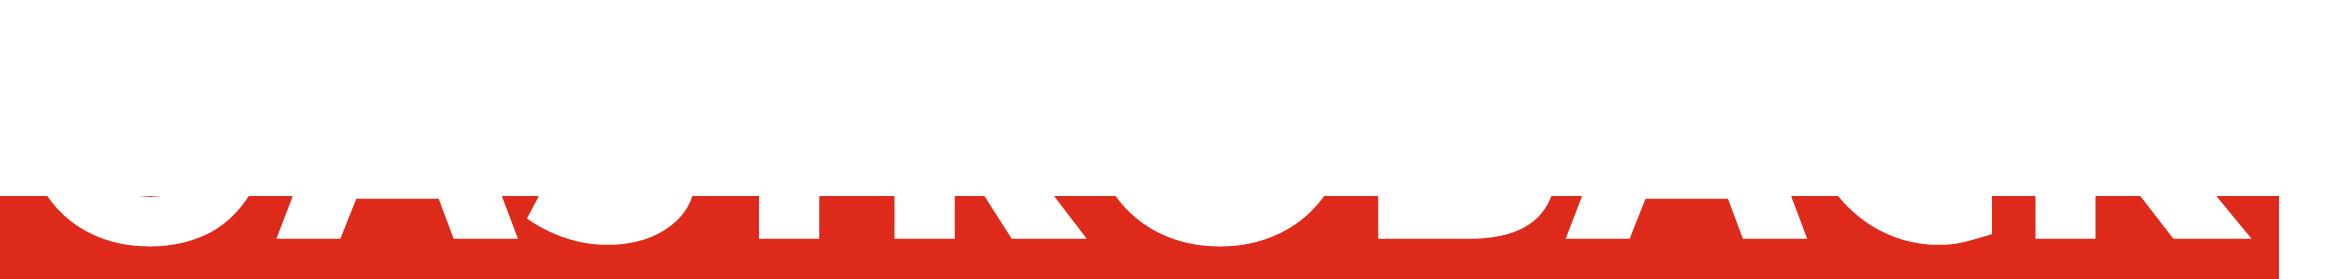 gastroback-logo-clear